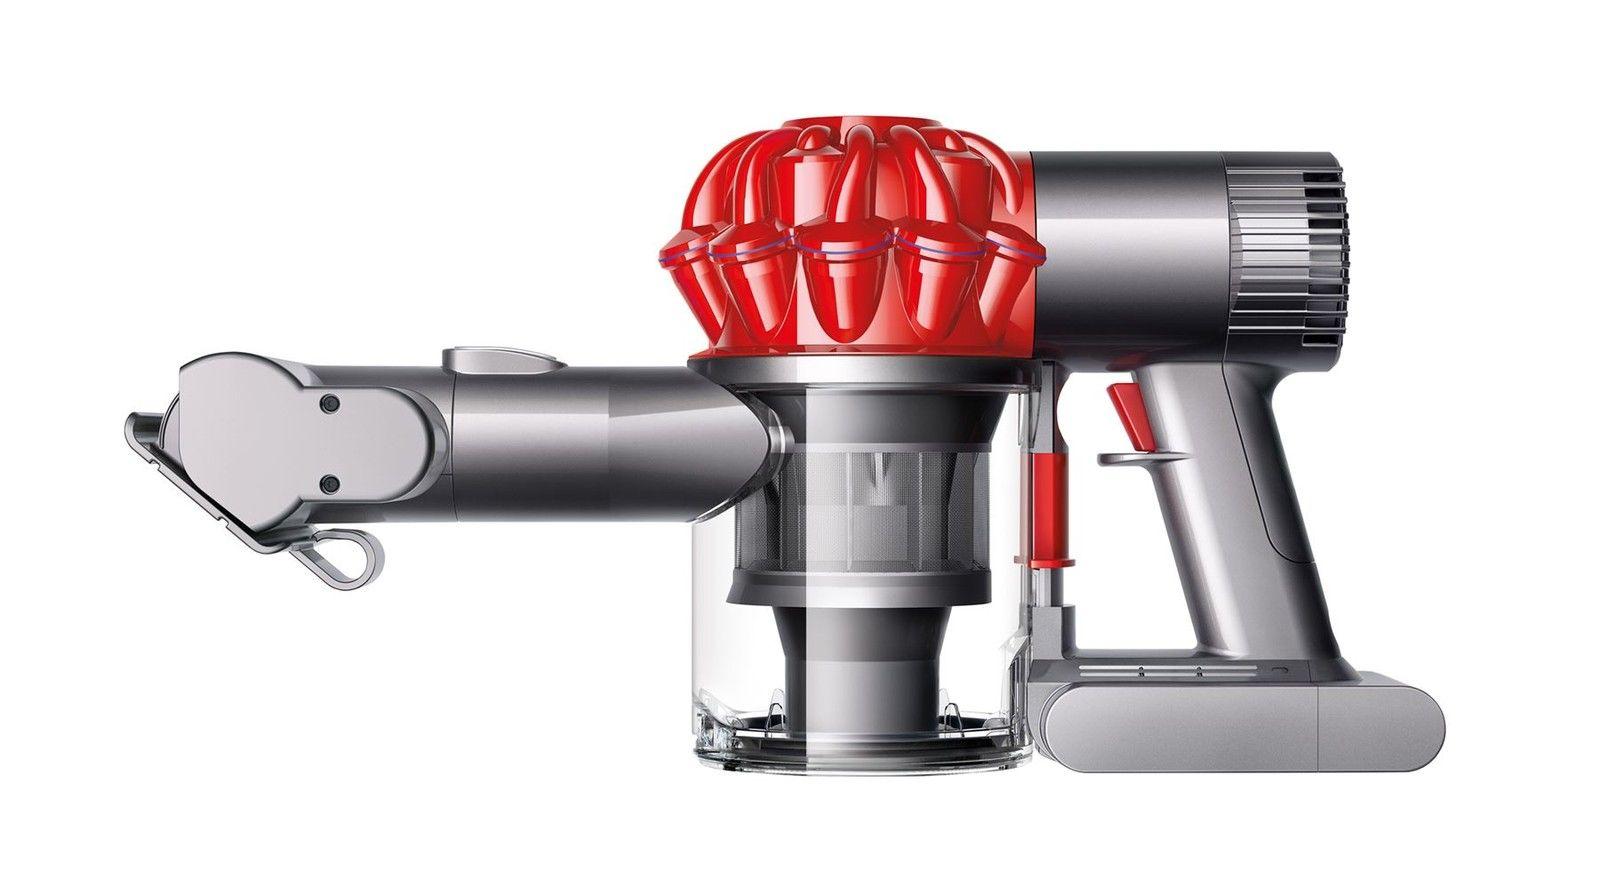 Dyson V6 Car & Boat Extra Handheld Vacuum Cleaner Refurbished £99.99 - Dyson V6 Trigger Refurbished £85.99  (see OP) @ Dyson eBay